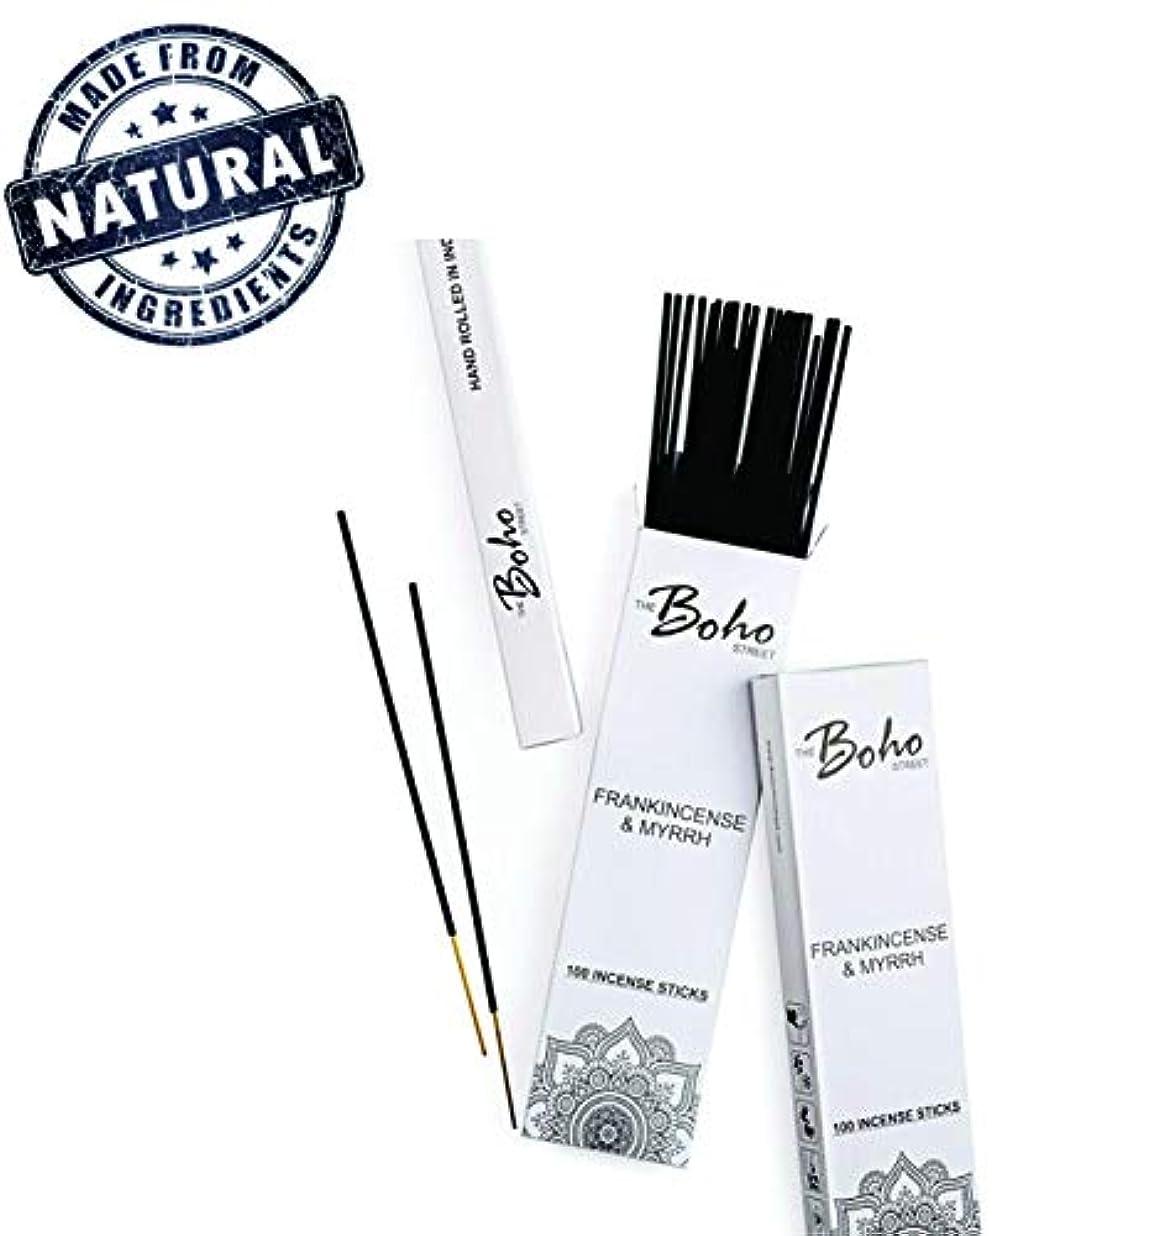 豪華な変色する乙女(100) - The Boho Street Premium Incense Sticks - Frankincense and Myrrh 100% Hand Rolled Hand Dipped in India 100 Sticks pack (100)